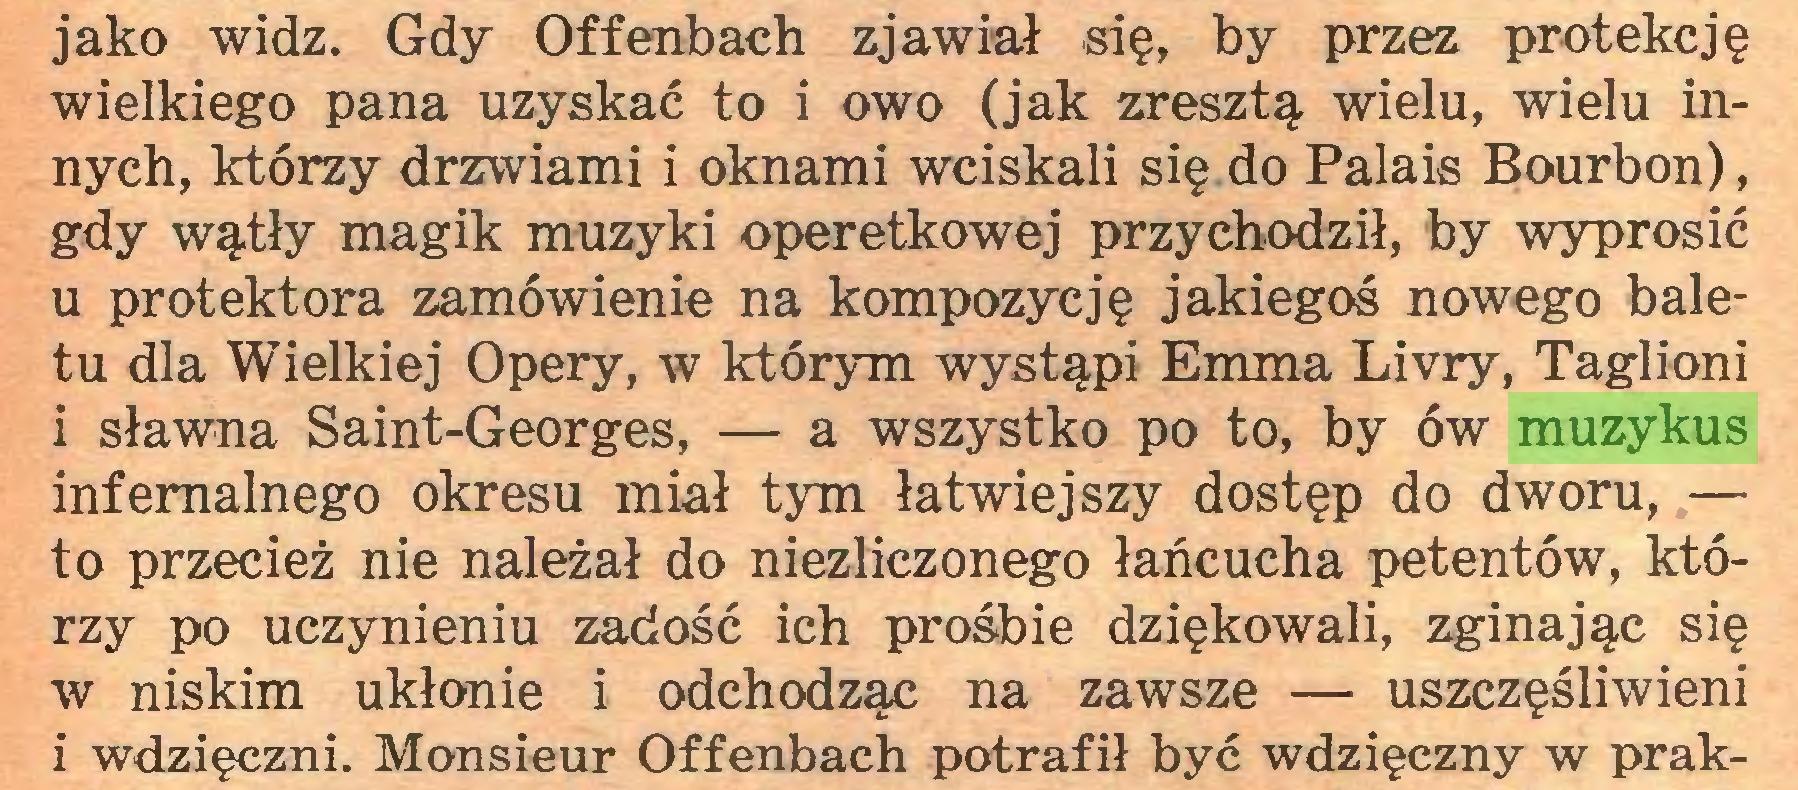 (...) jako widz. Gdy Offenbach zjawiał się, by przez protekcję wielkiego pana uzyskać to i owo (jak zresztą wielu, wielu innych, którzy drzwiami i oknami wciskali się do Palais Bourbon), gdy wątły magik muzyki operetkowej przychodził, by wyprosić u protektora zamówienie na kompozycję jakiegoś nowego baletu dla Wielkiej Opery, w którym wystąpi Emma Livry, Taglioni i sławna Saint-Georges, — a wszystko po to, by ów muzykus infernalnego okresu miał tym łatwiejszy dostęp do dworu, — to przecież nie należał do niezliczonego łańcucha petentów, którzy po uczynieniu zadość ich prośbie dziękowali, zginając się w niskim ukłonie i odchodząc na zawsze — uszczęśliwieni i wdzięczni. Monsieur Offenbach potrafił być wdzięczny w prak...